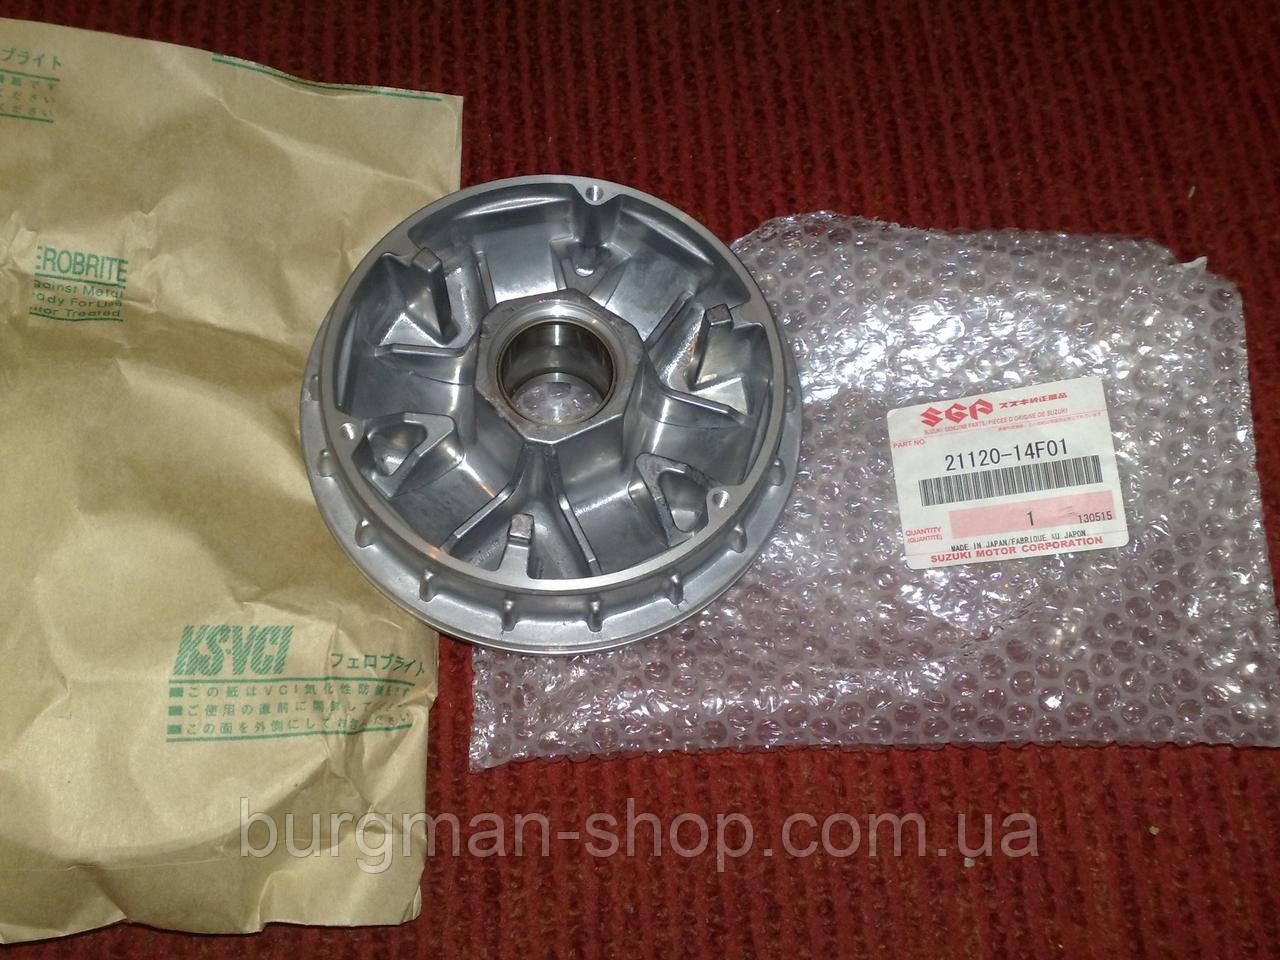 Корпус переднего вариатора 250сс 98-06г Suzuki Burgman SkyWave 21120-14F01